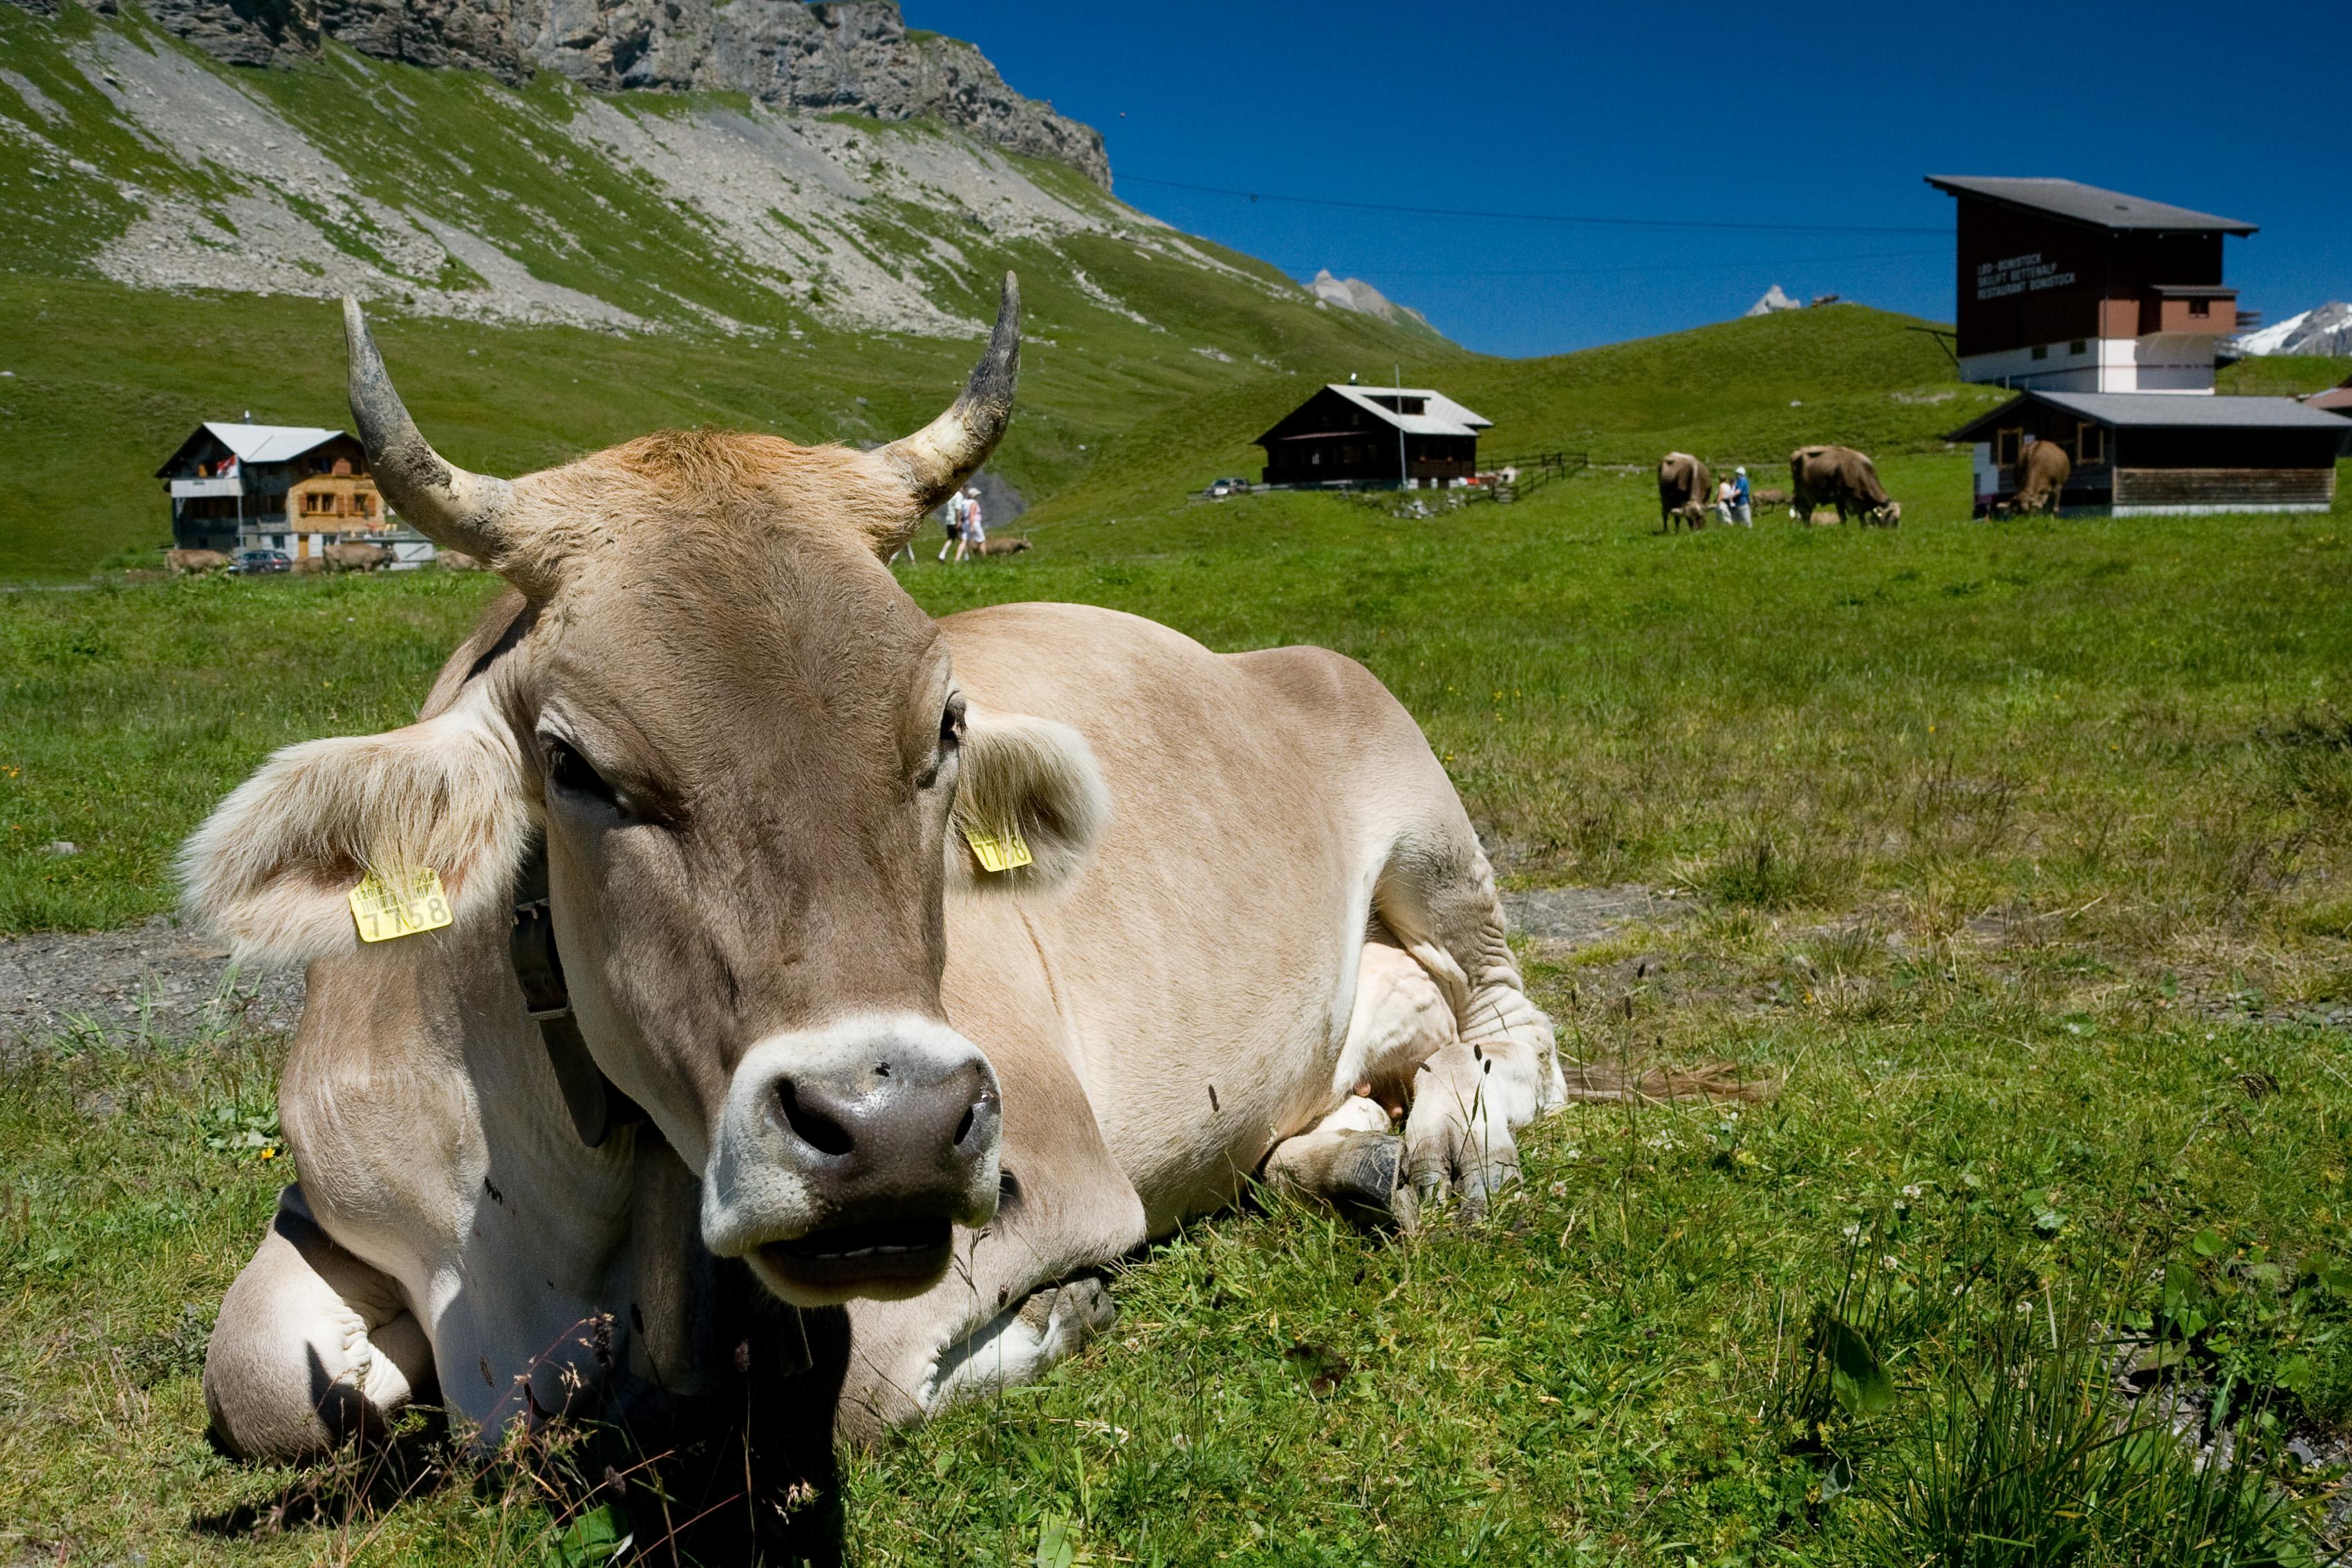 Kuh auf Wiese